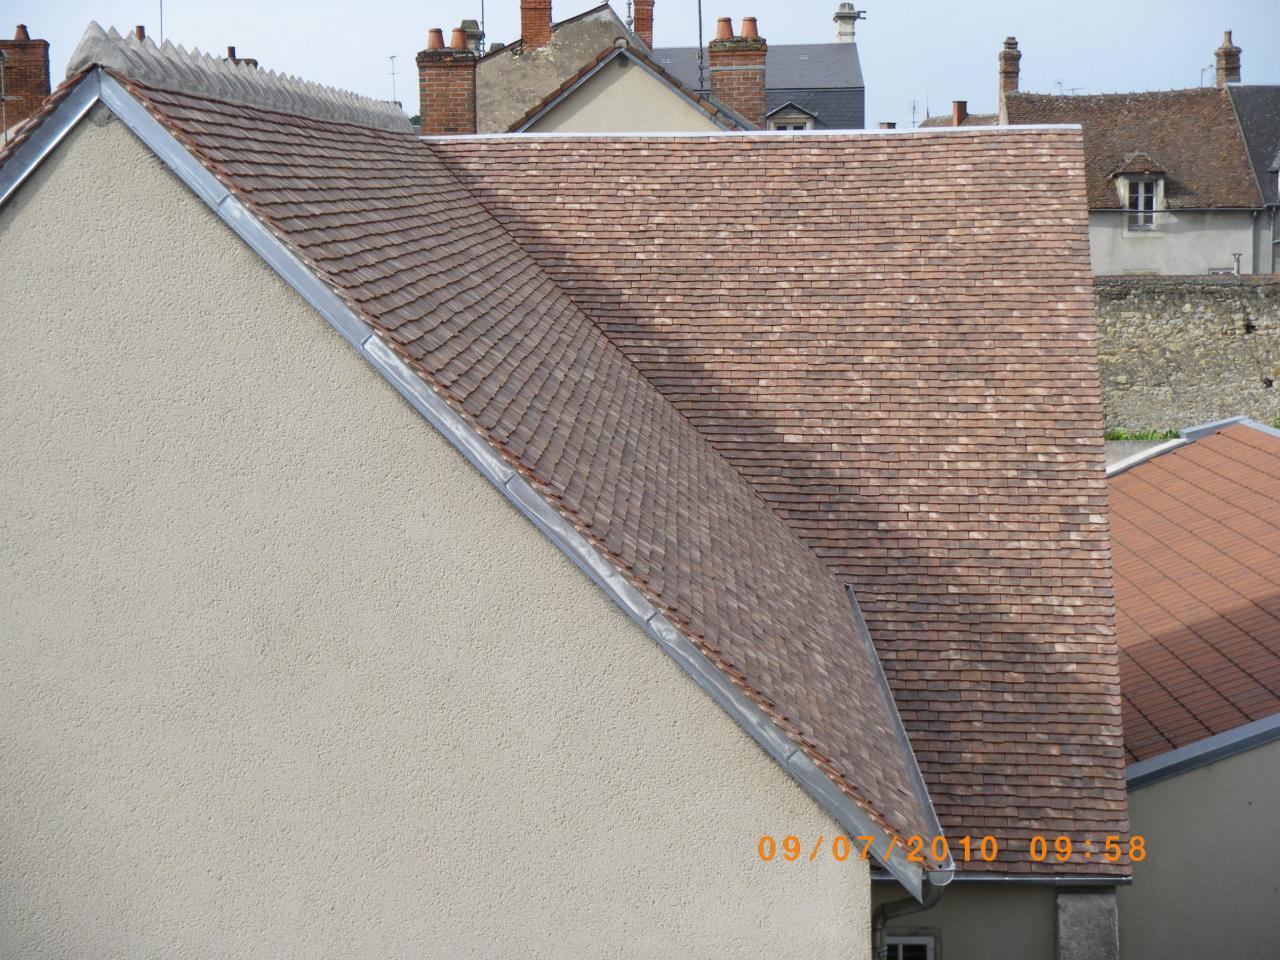 Couverture en tuiles plates - Tuile restauration brumaire ...